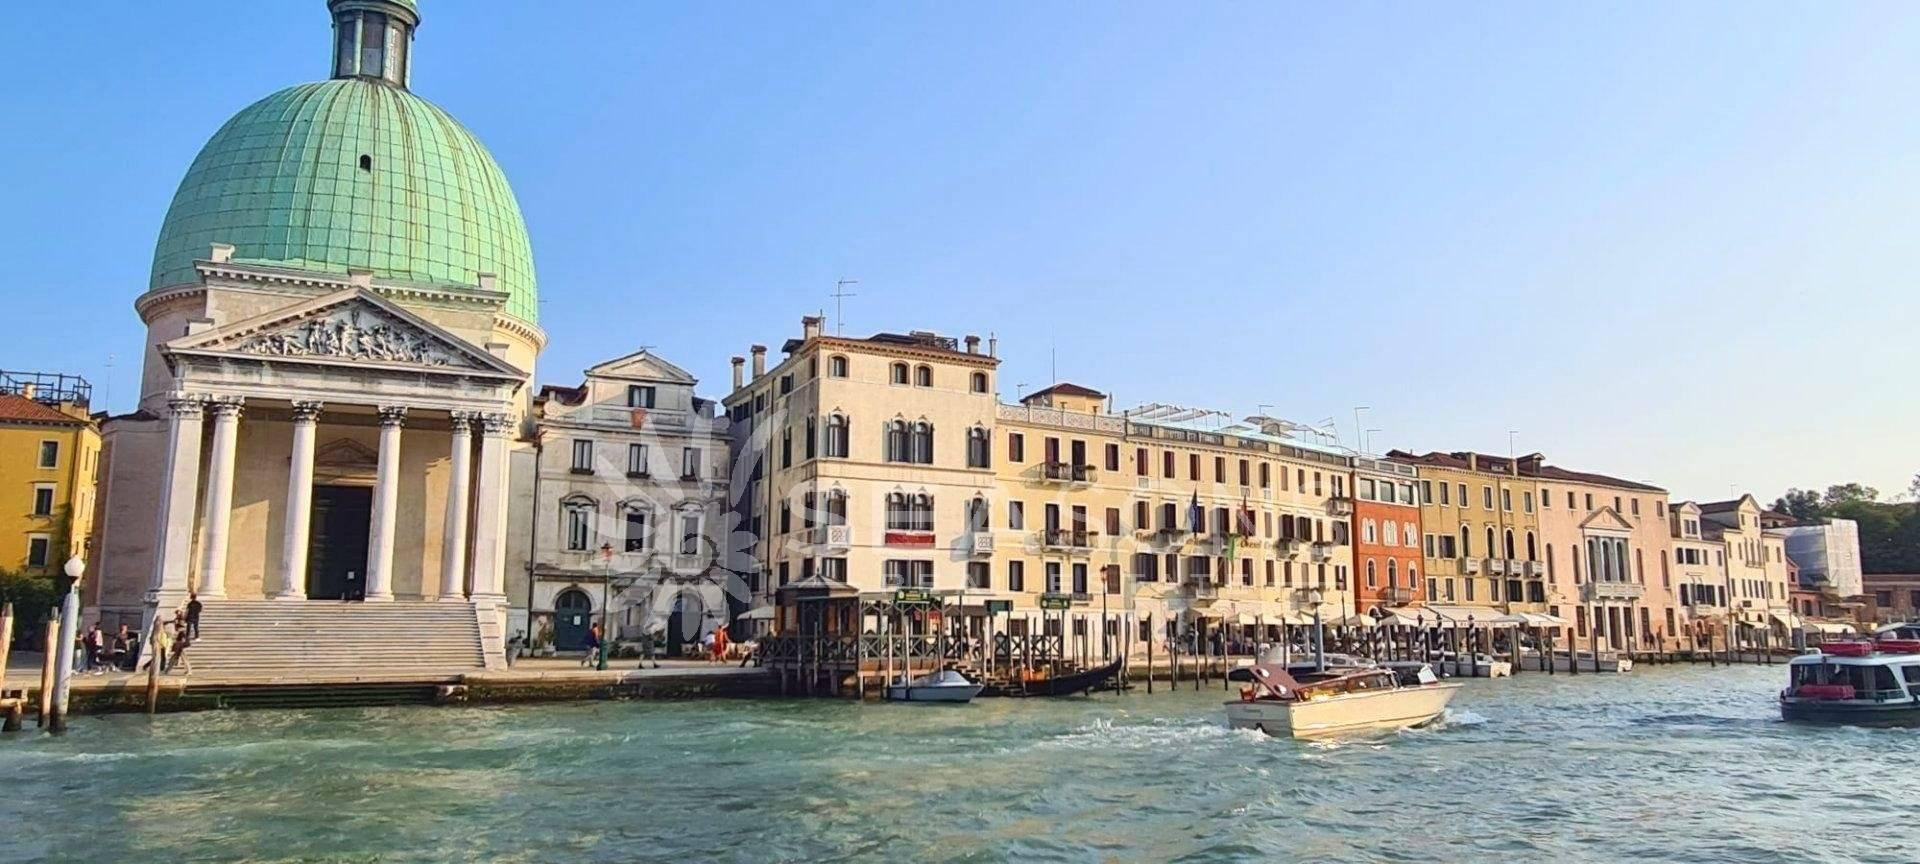 1 25 Venice